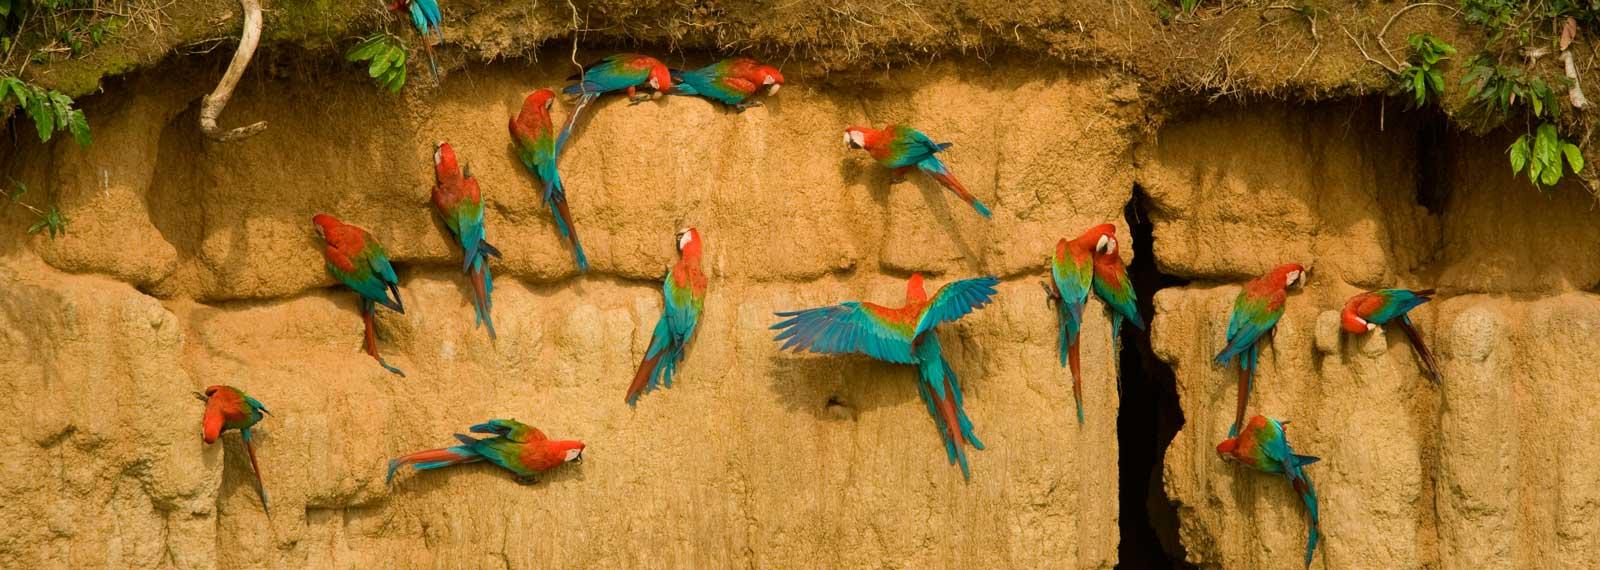 Peru amazon tours, Wild birds